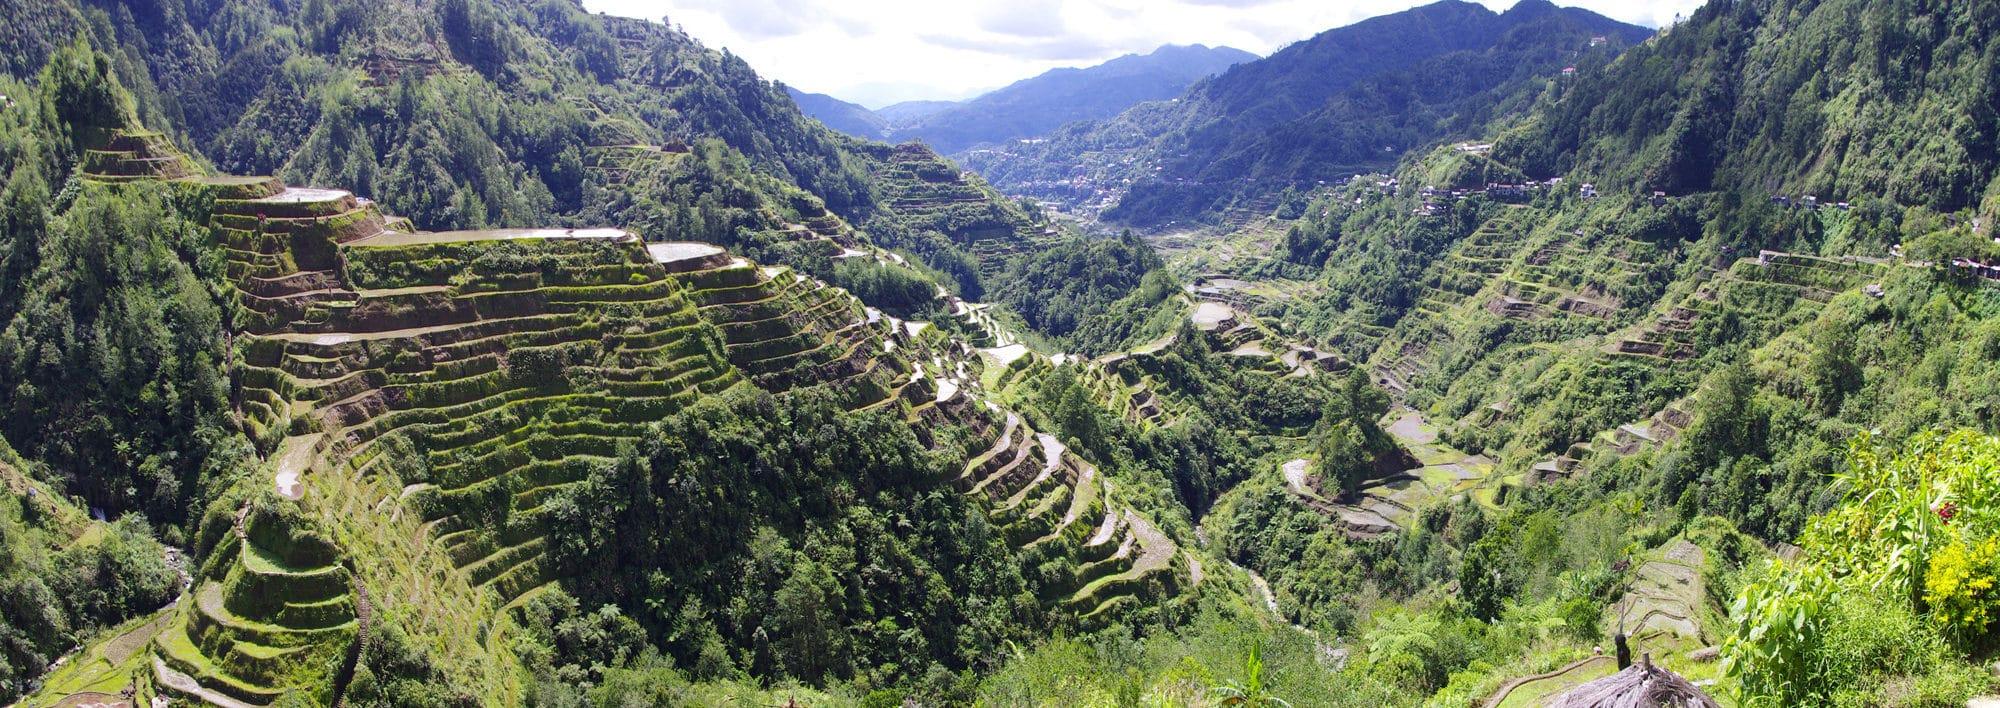 Les rizières en terrasses des Philippines.